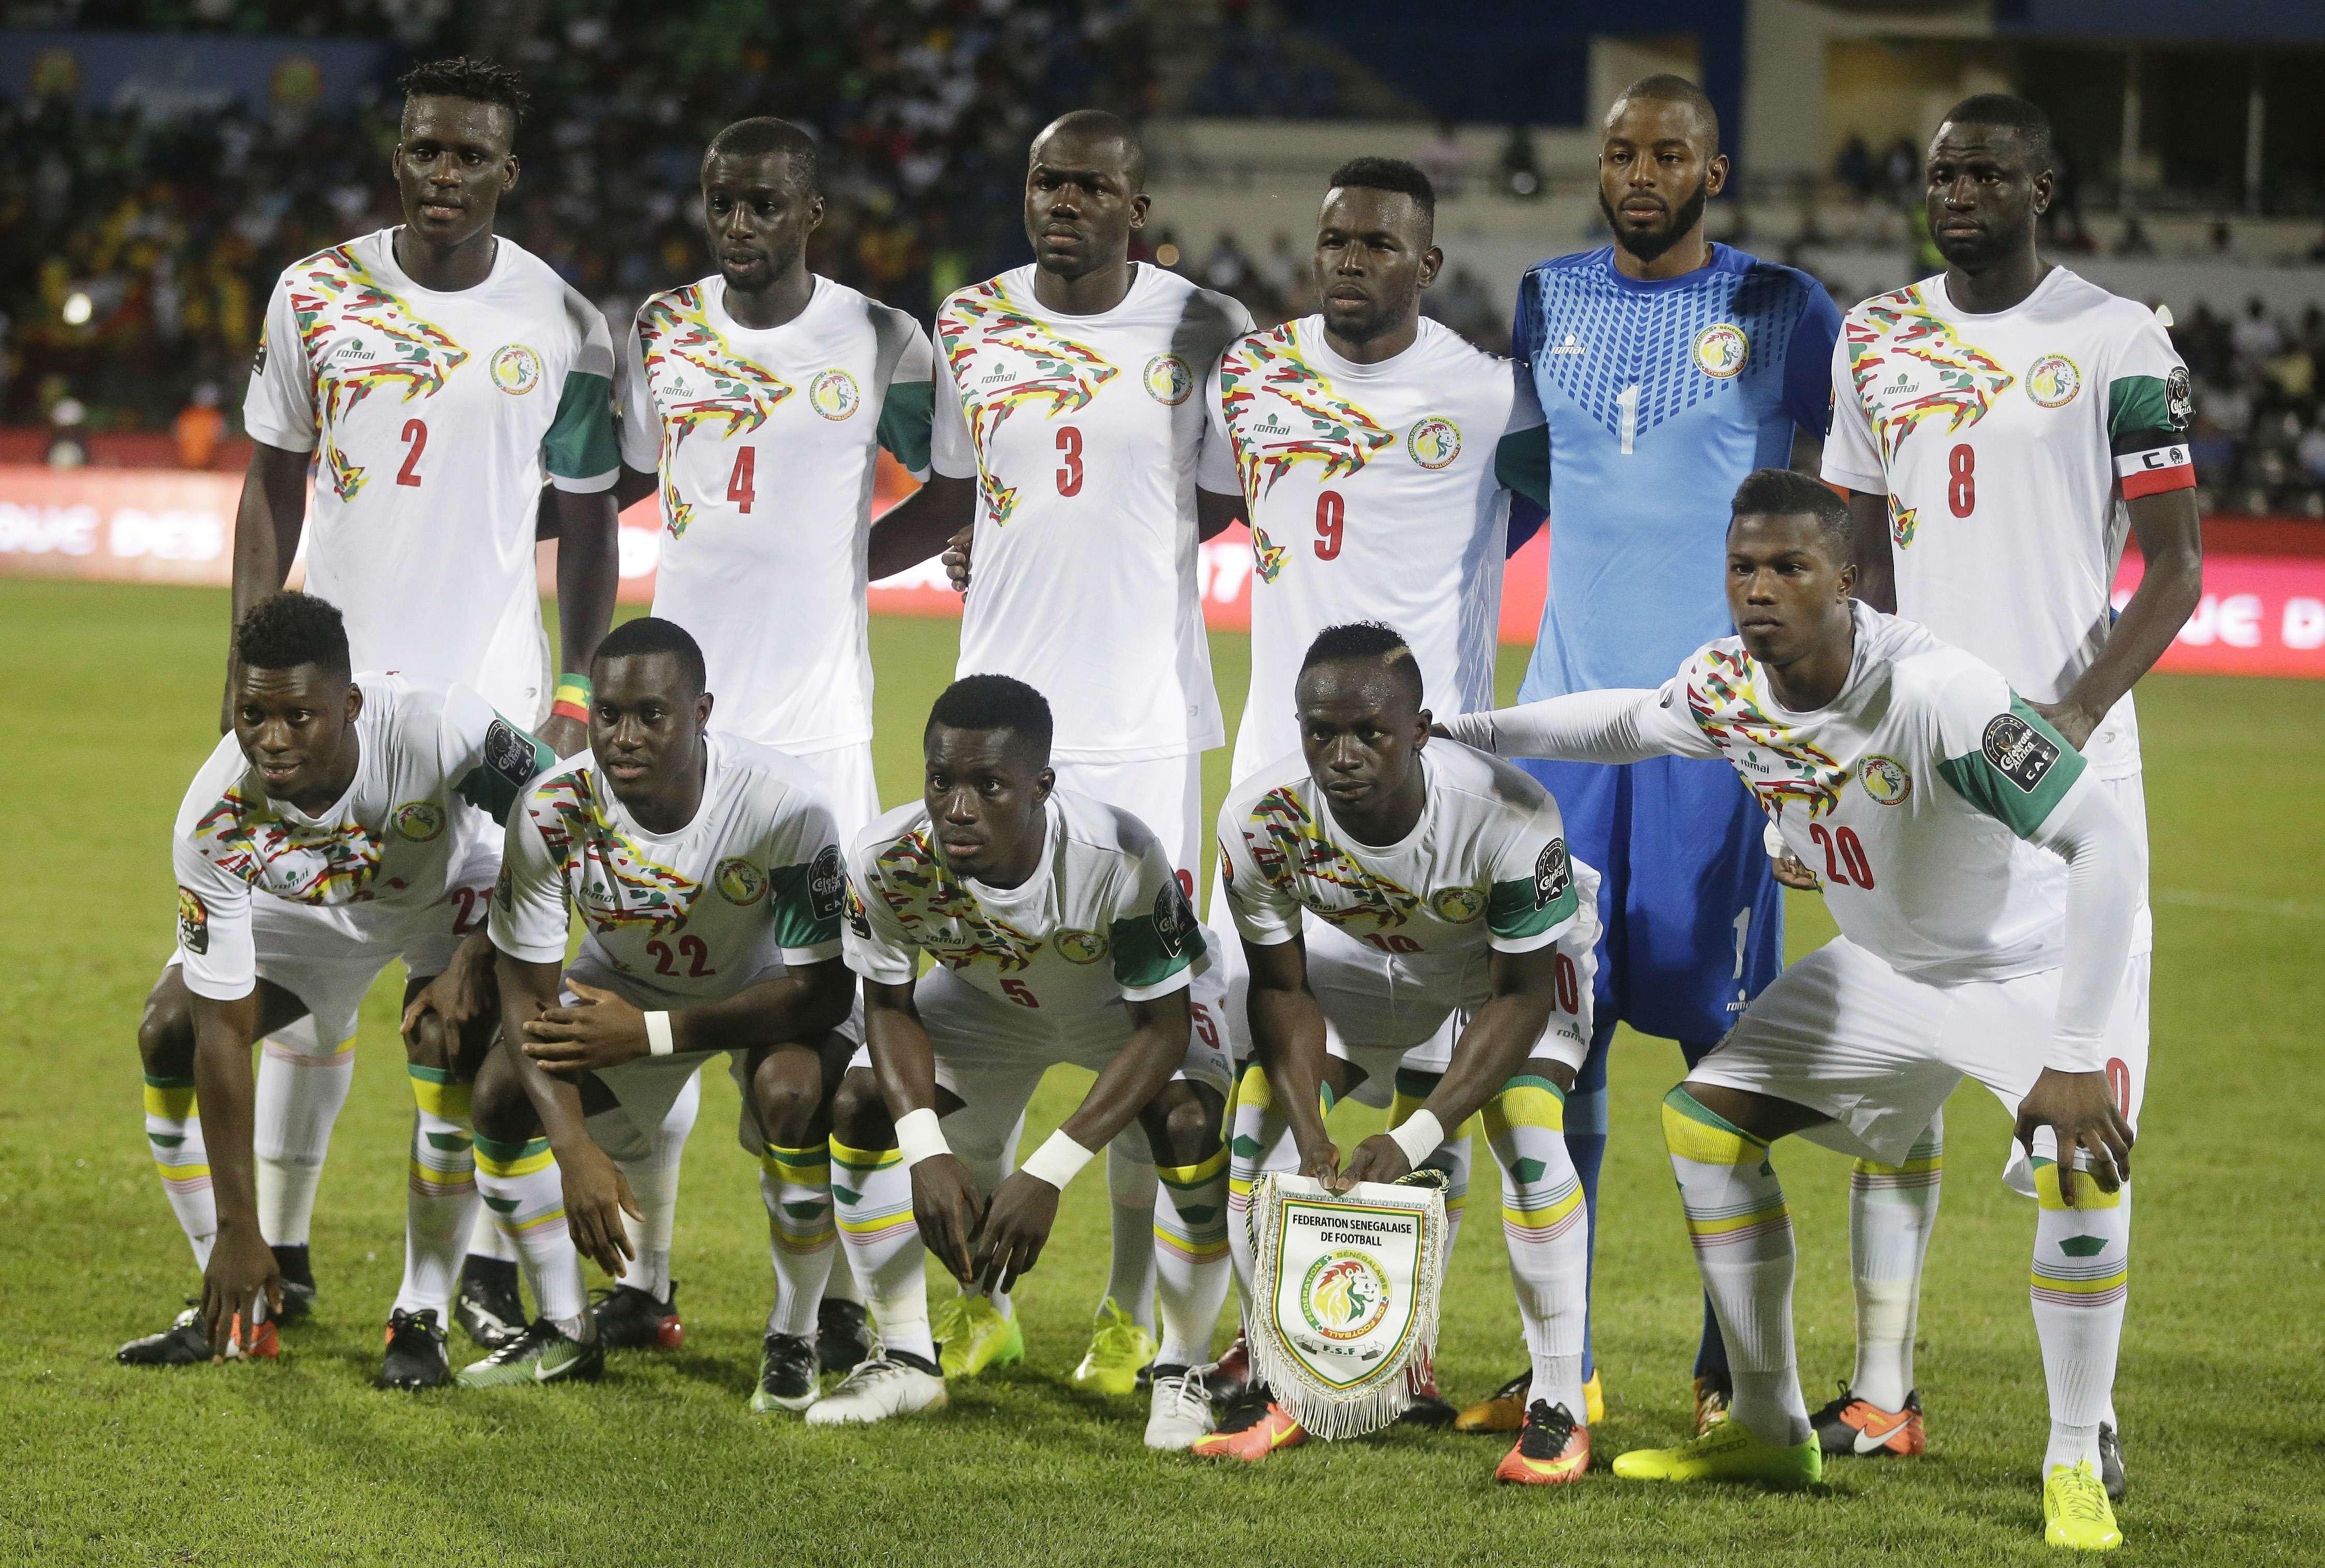 L'équipe de football du Sénégal avant le match du Groupe B de la Coupe d'Afrique des Nations contre le Zimbabwe au Stade de Franceville, au Gabon, le 19 janvier 2017.